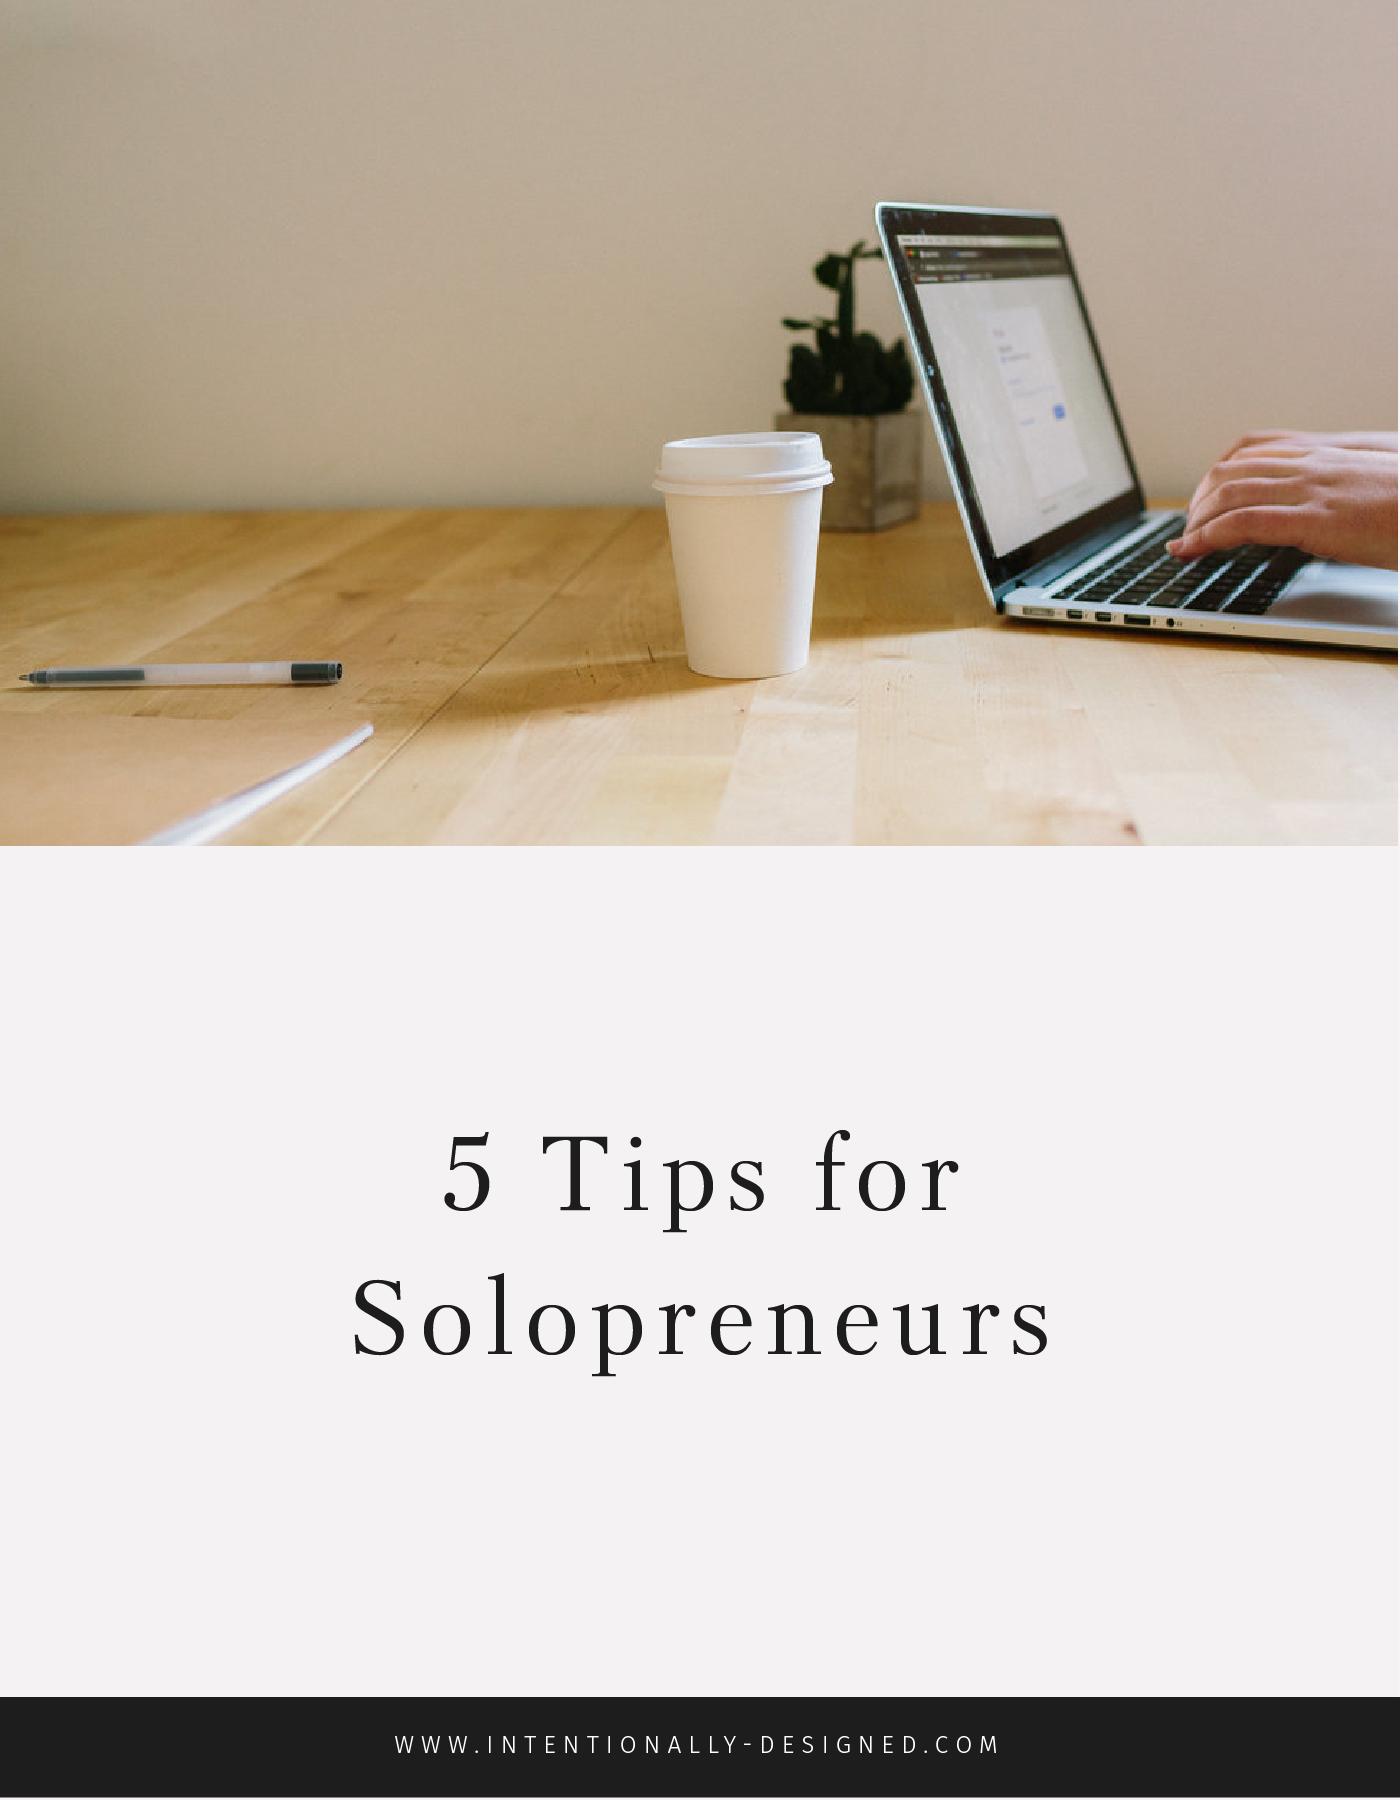 5 Tips for Solopreneurs